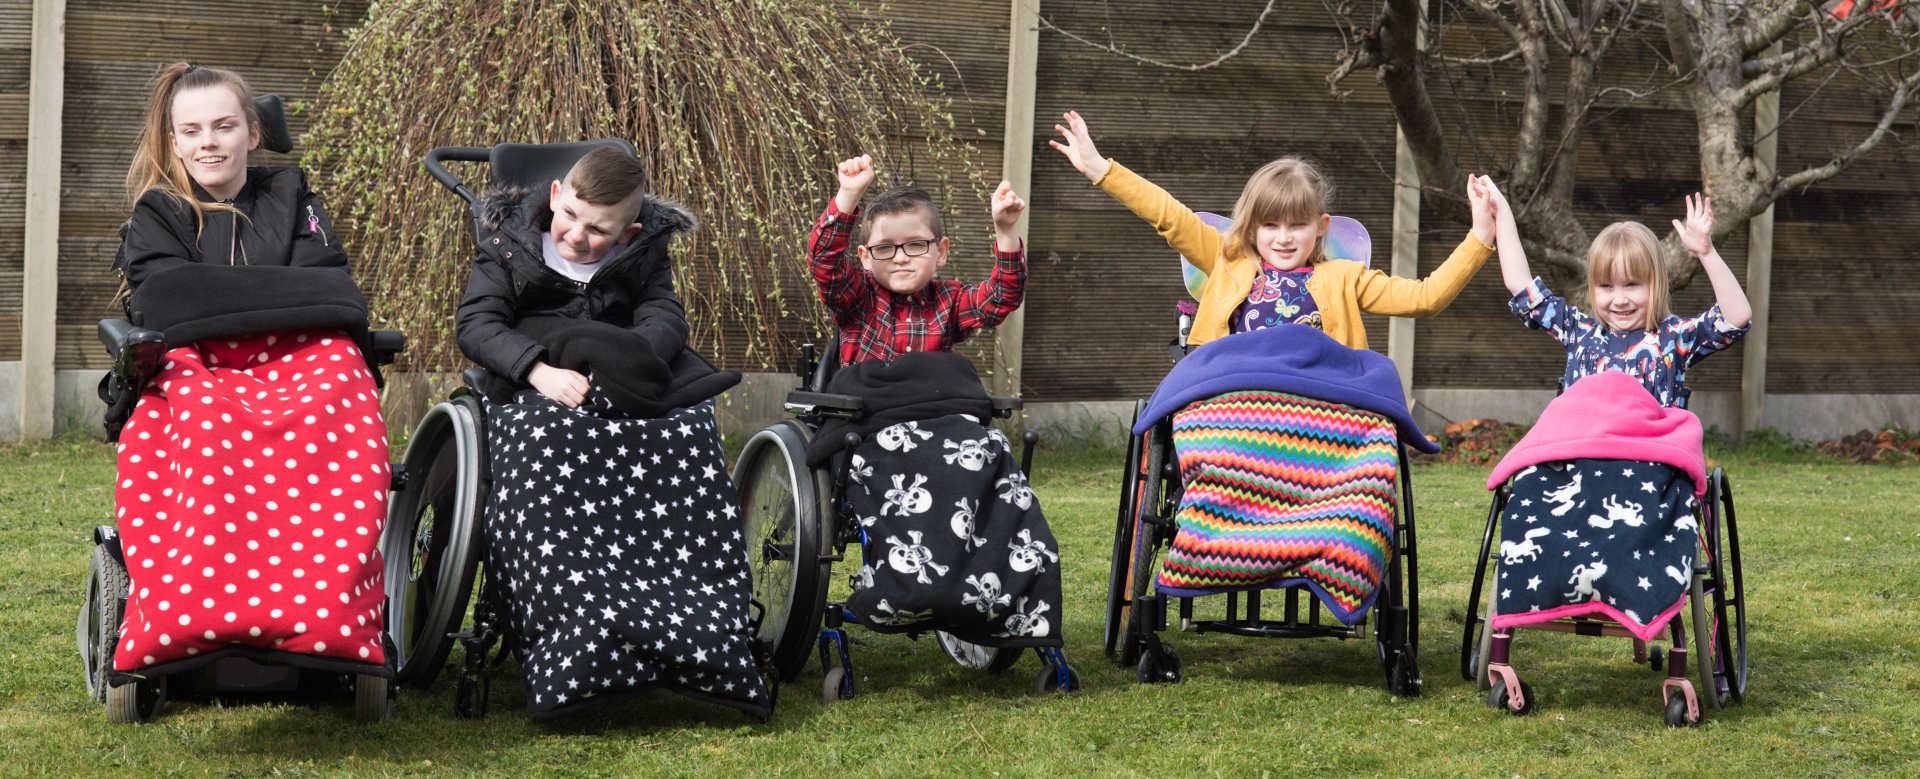 GaryB Wheelchair accessories Home page Slider image 1